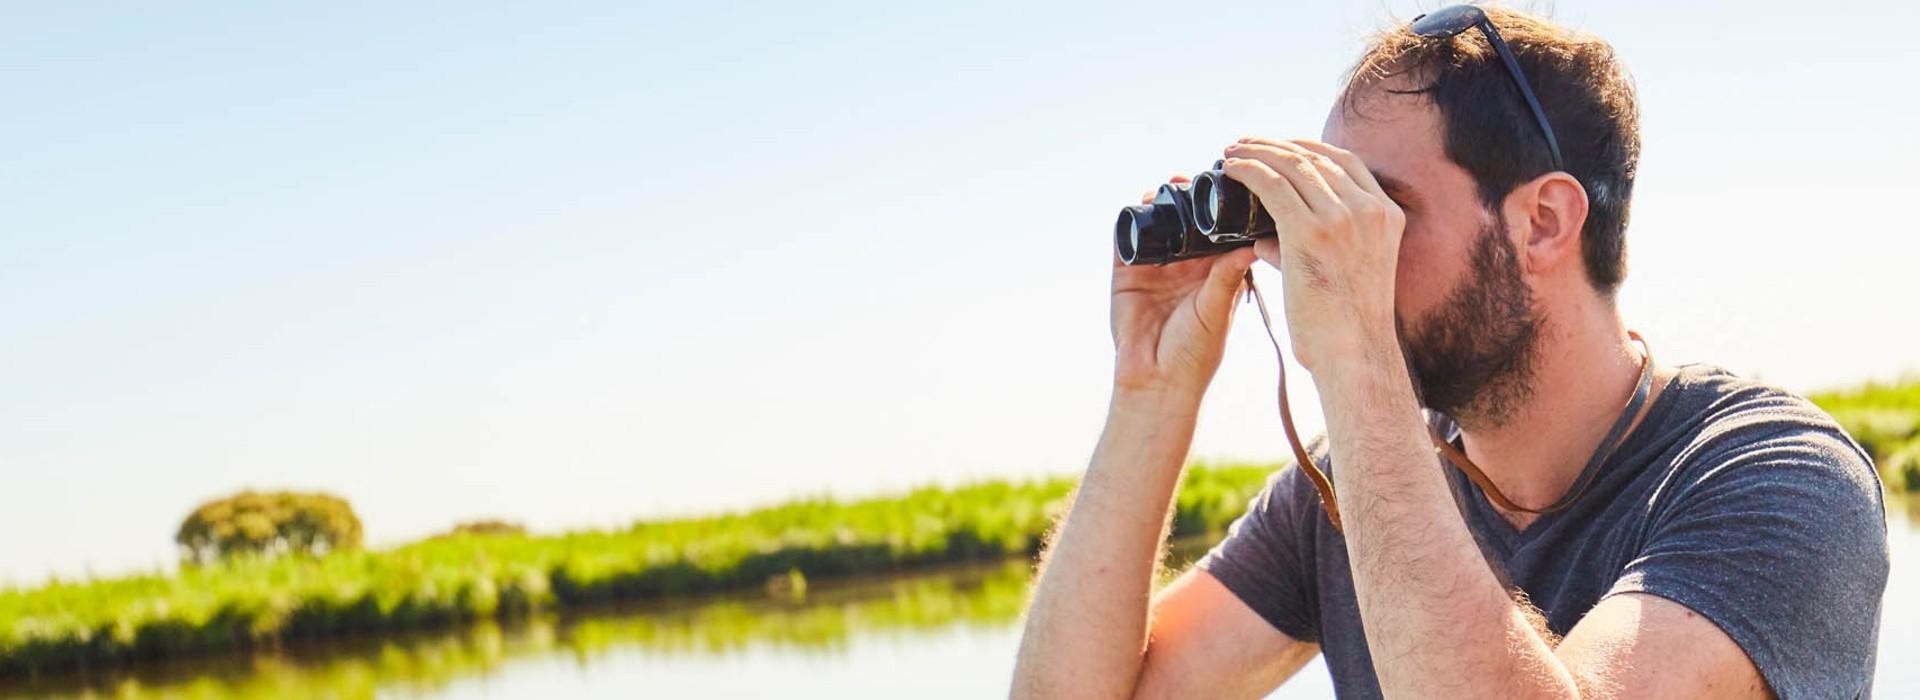 Nos actions - Observer et analyser - Office de Tourisme La Baule Presqu'île de Guérande